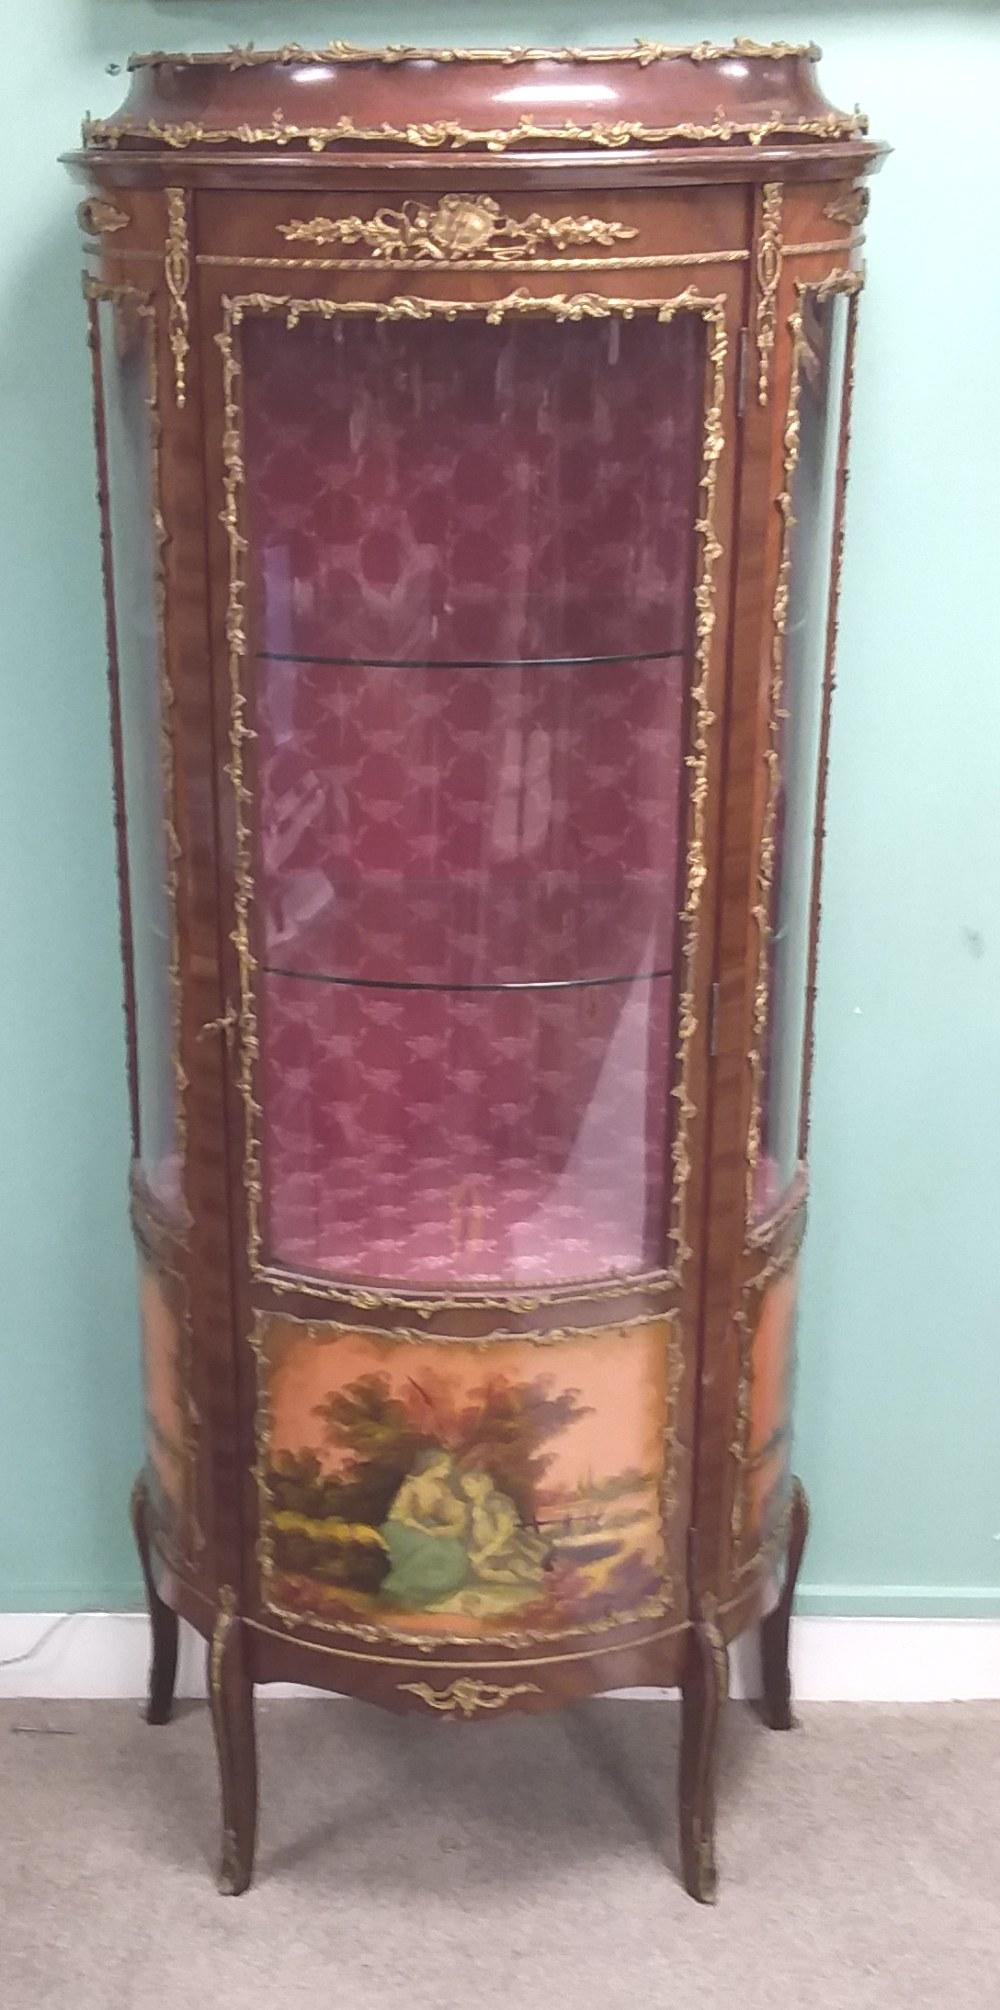 Elegant French Ormolu Mount Vitrienne Cabinet 73cm W 39cm D 164cm H